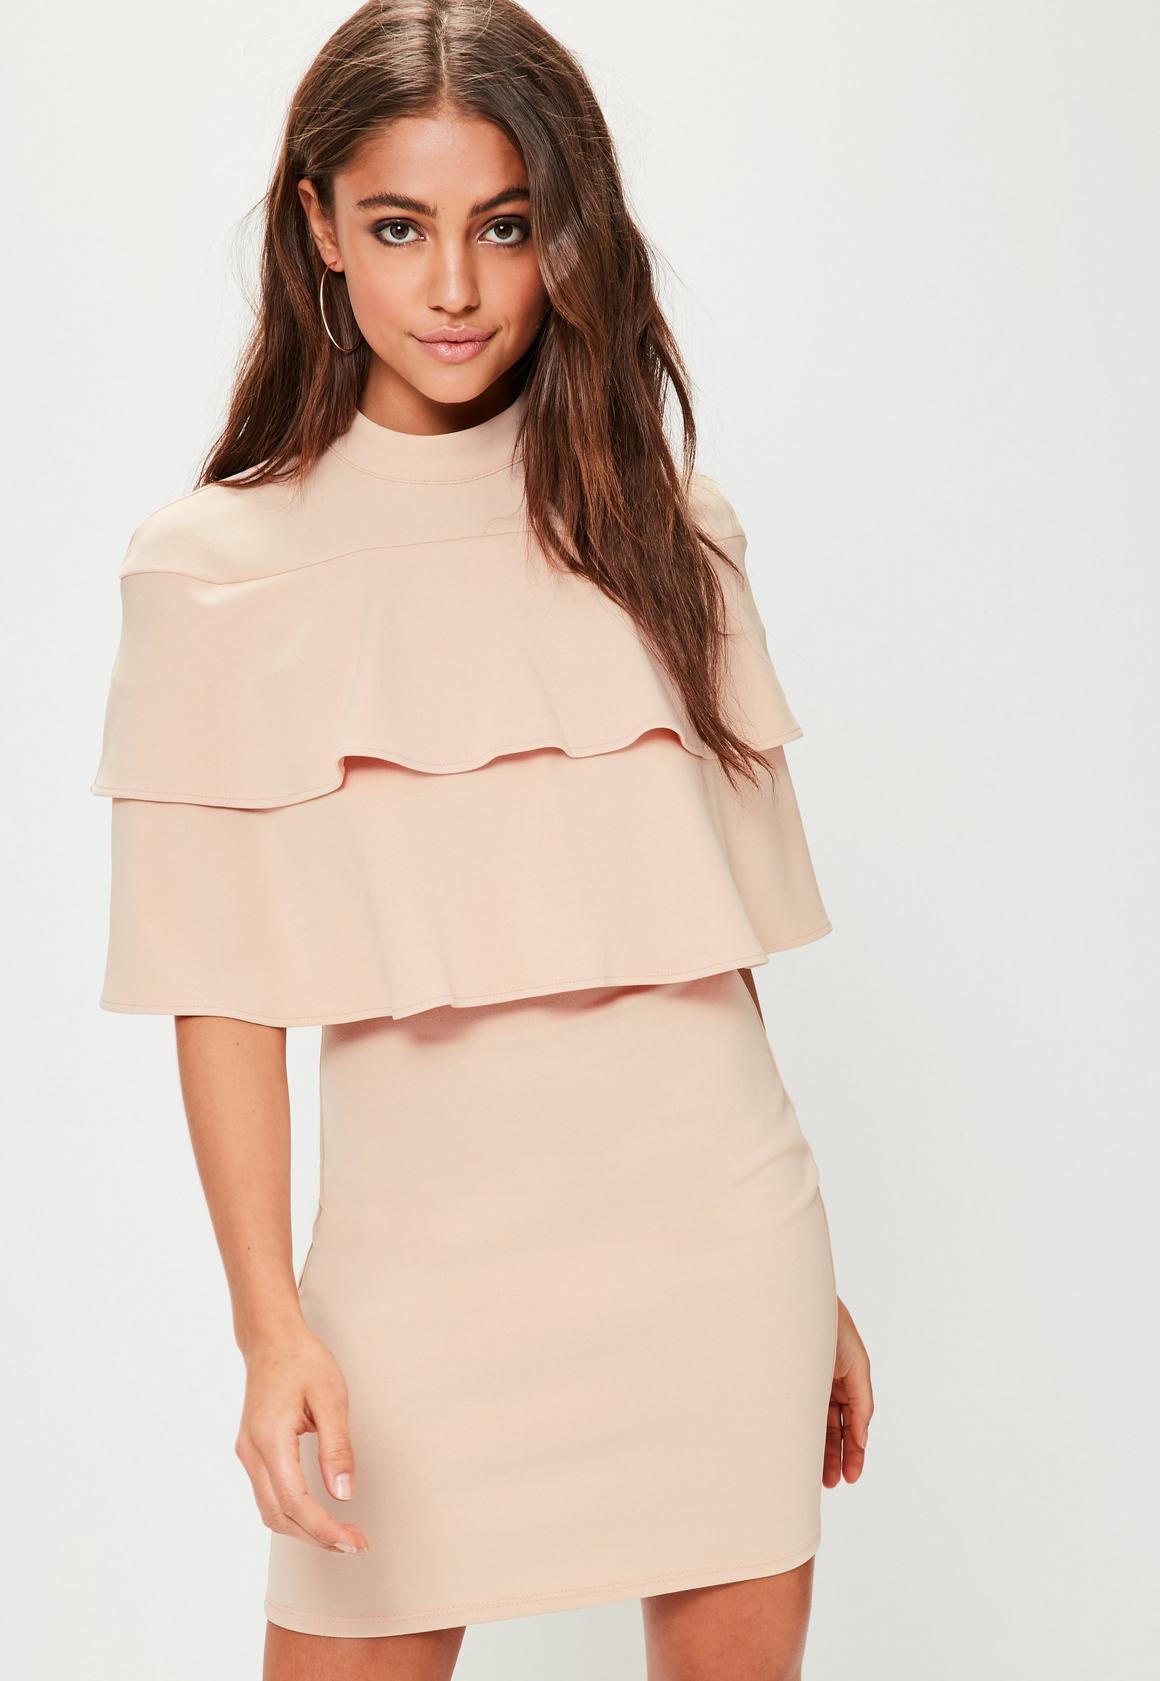 Pink High Neck Frill Short Sleeve Dress